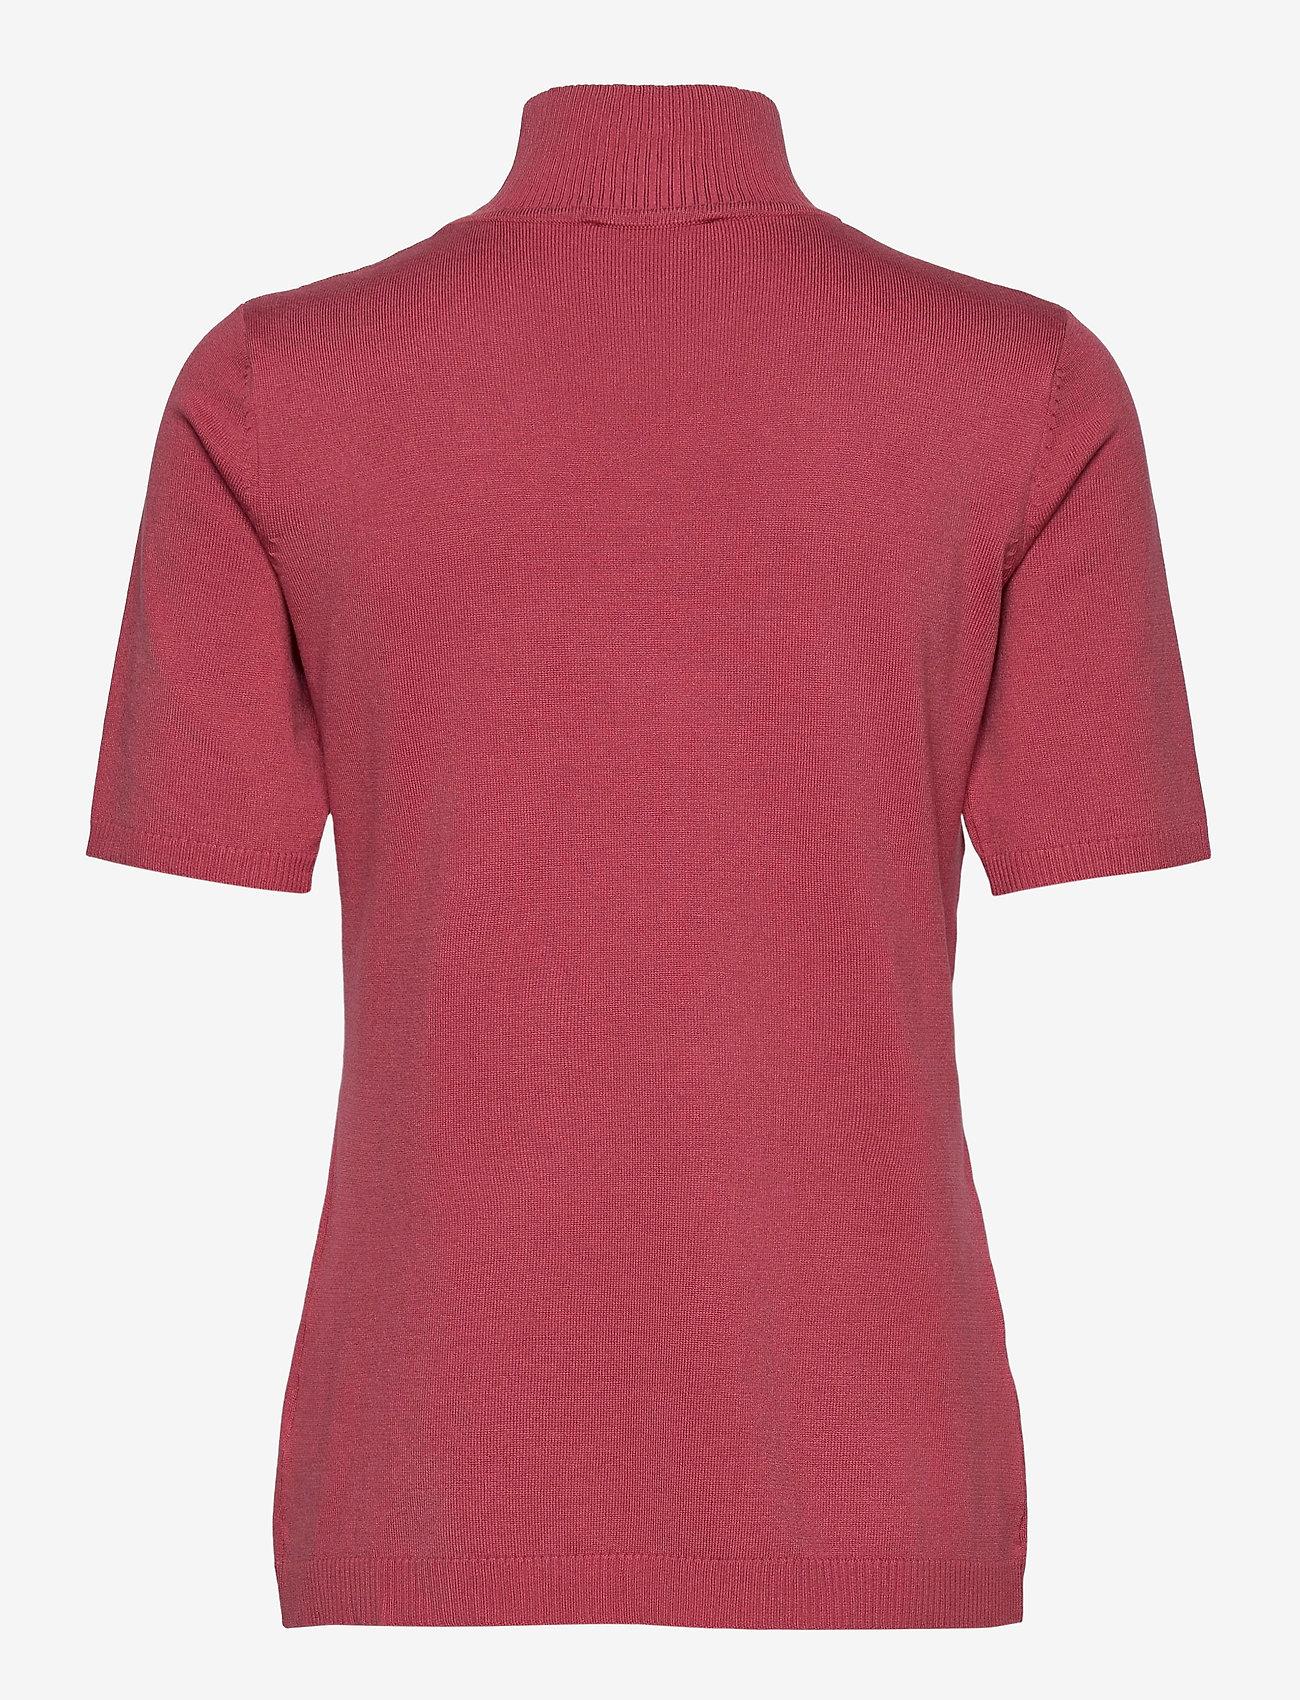 Minus - Lima roll neck knit - strikkede toppe - pink lemonade - 1